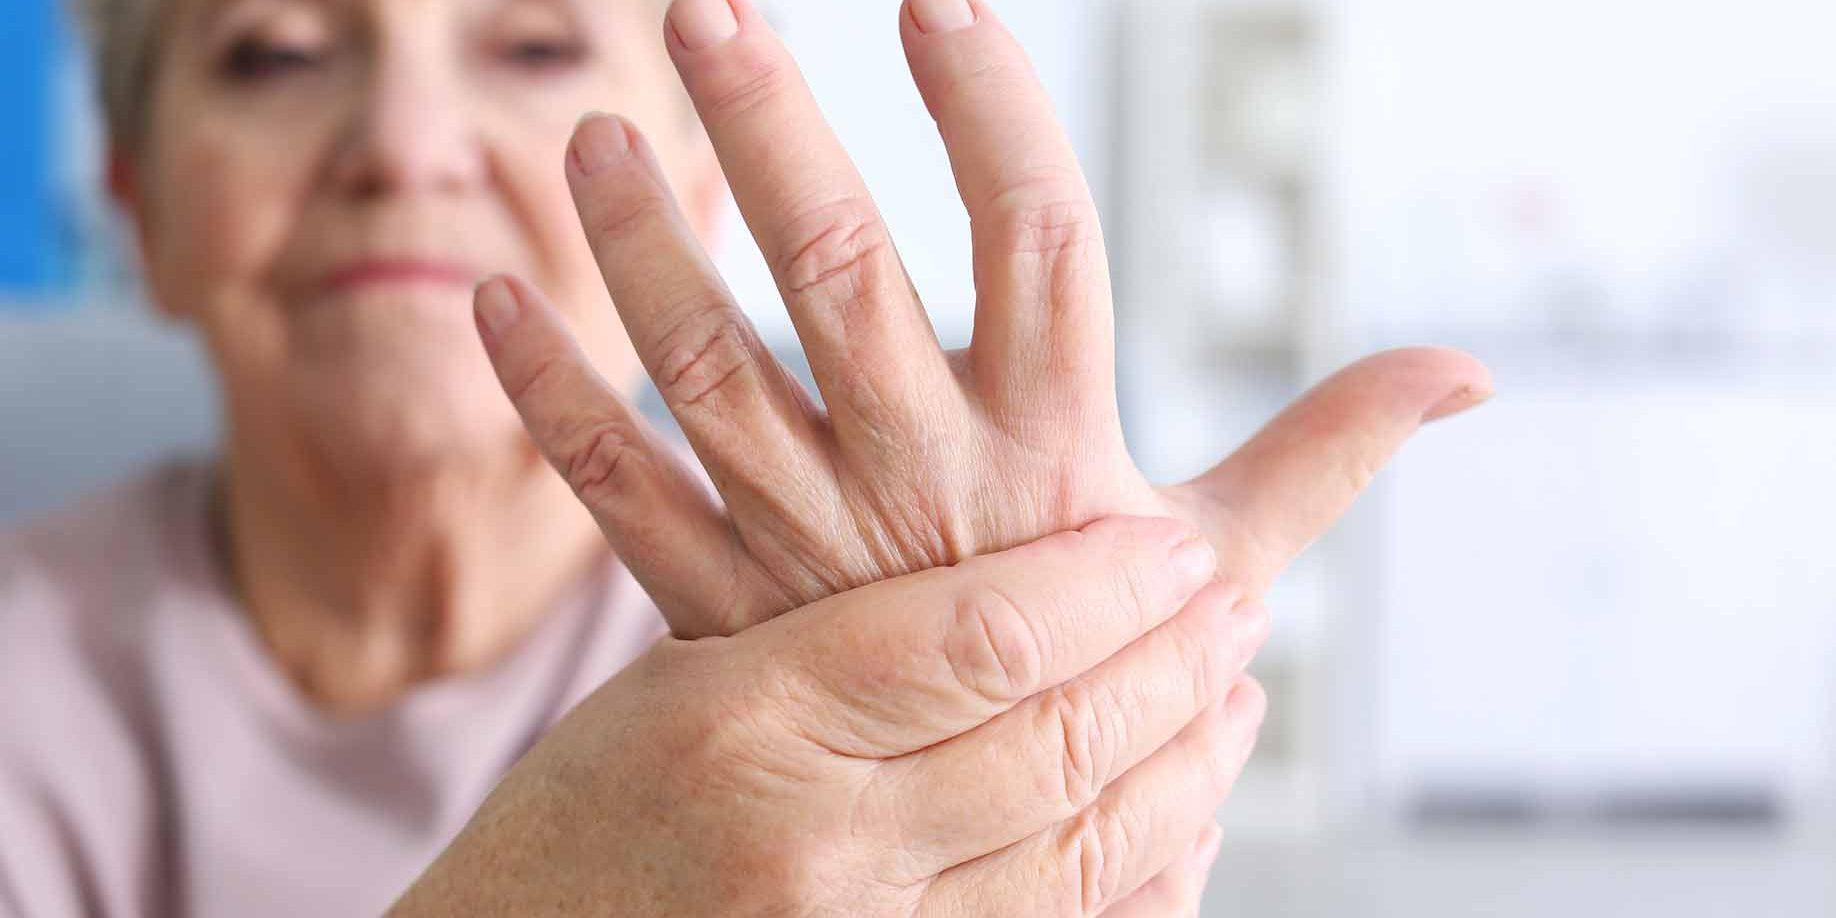 liaudies gydymas ligų sąnarių girgždančios sąnarių gydymo liaudies gynimo